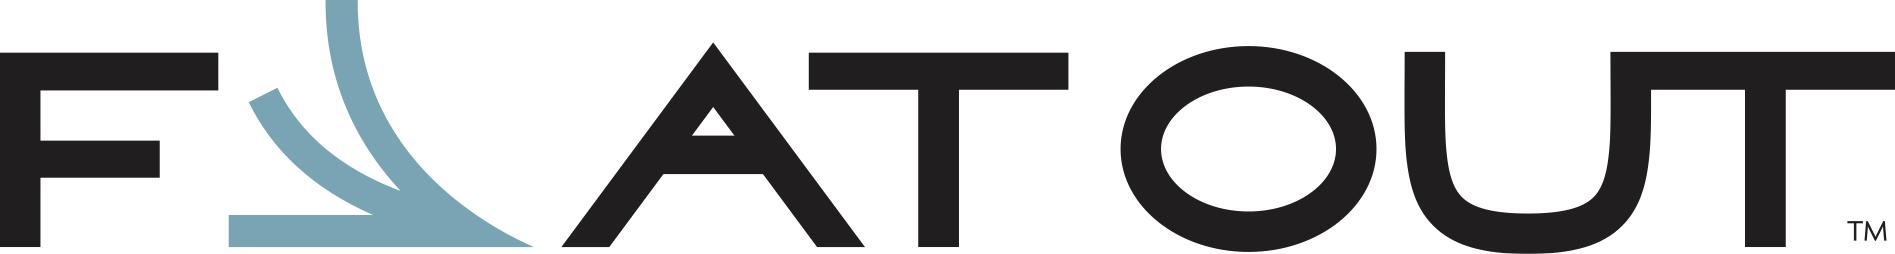 FlatOutofHeels-logo